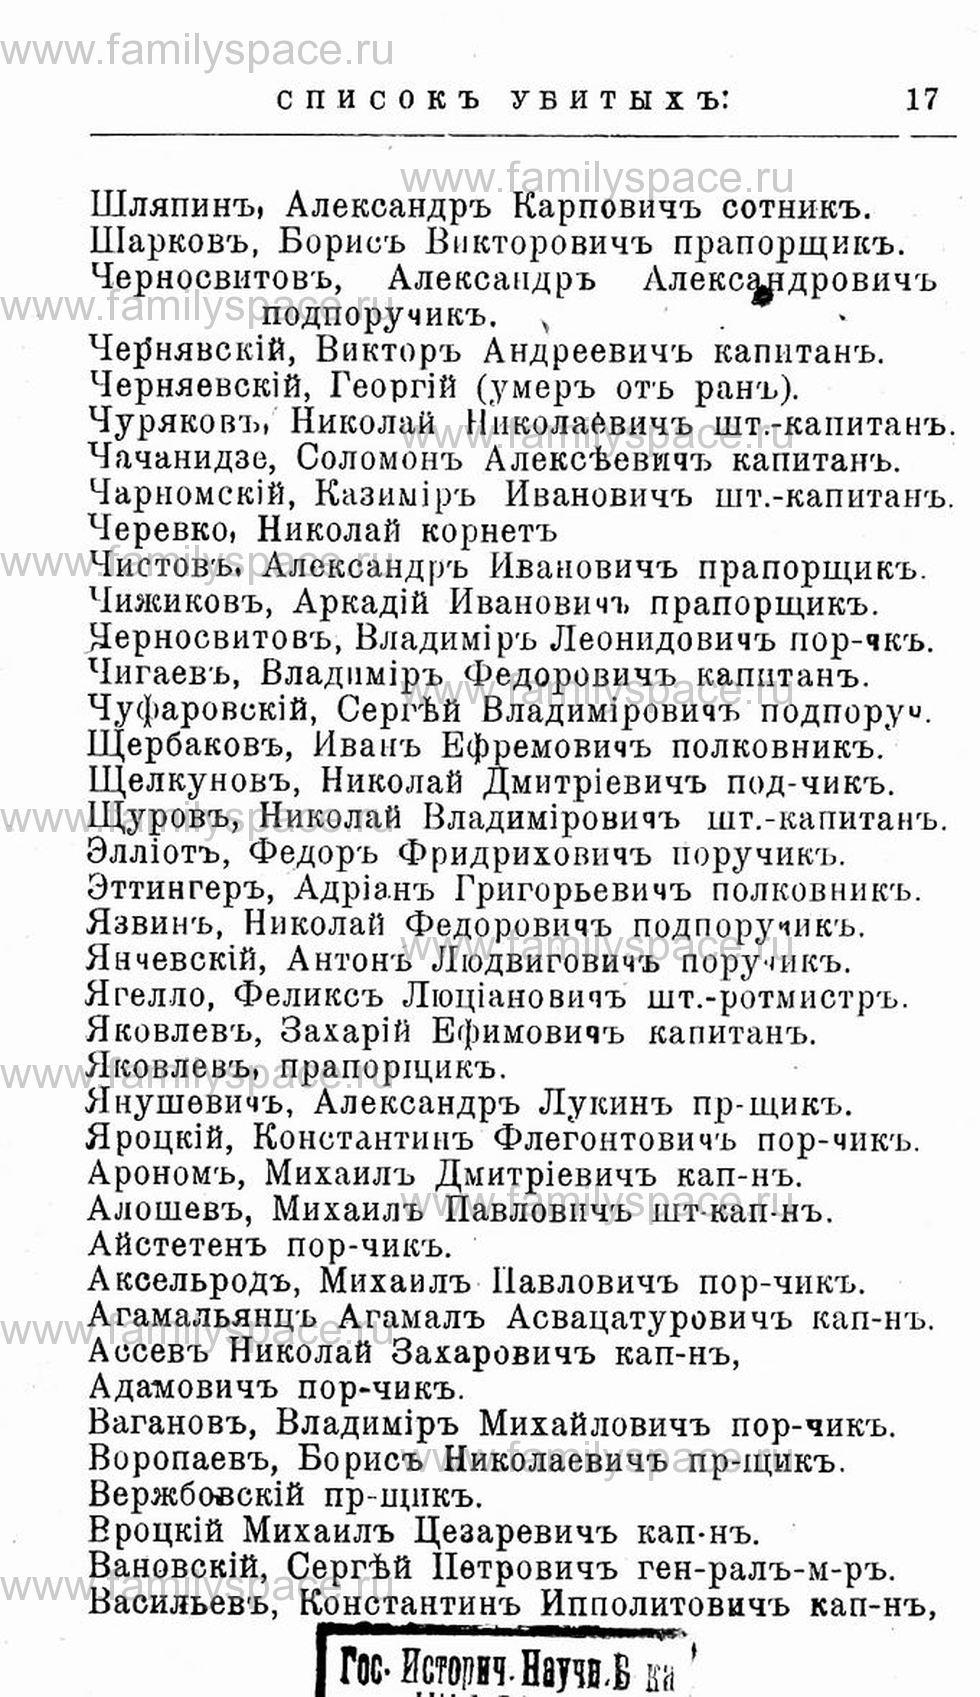 Поиск по фамилии - Первая мировая война - 1914 (списки убитых и раненых), страница 17